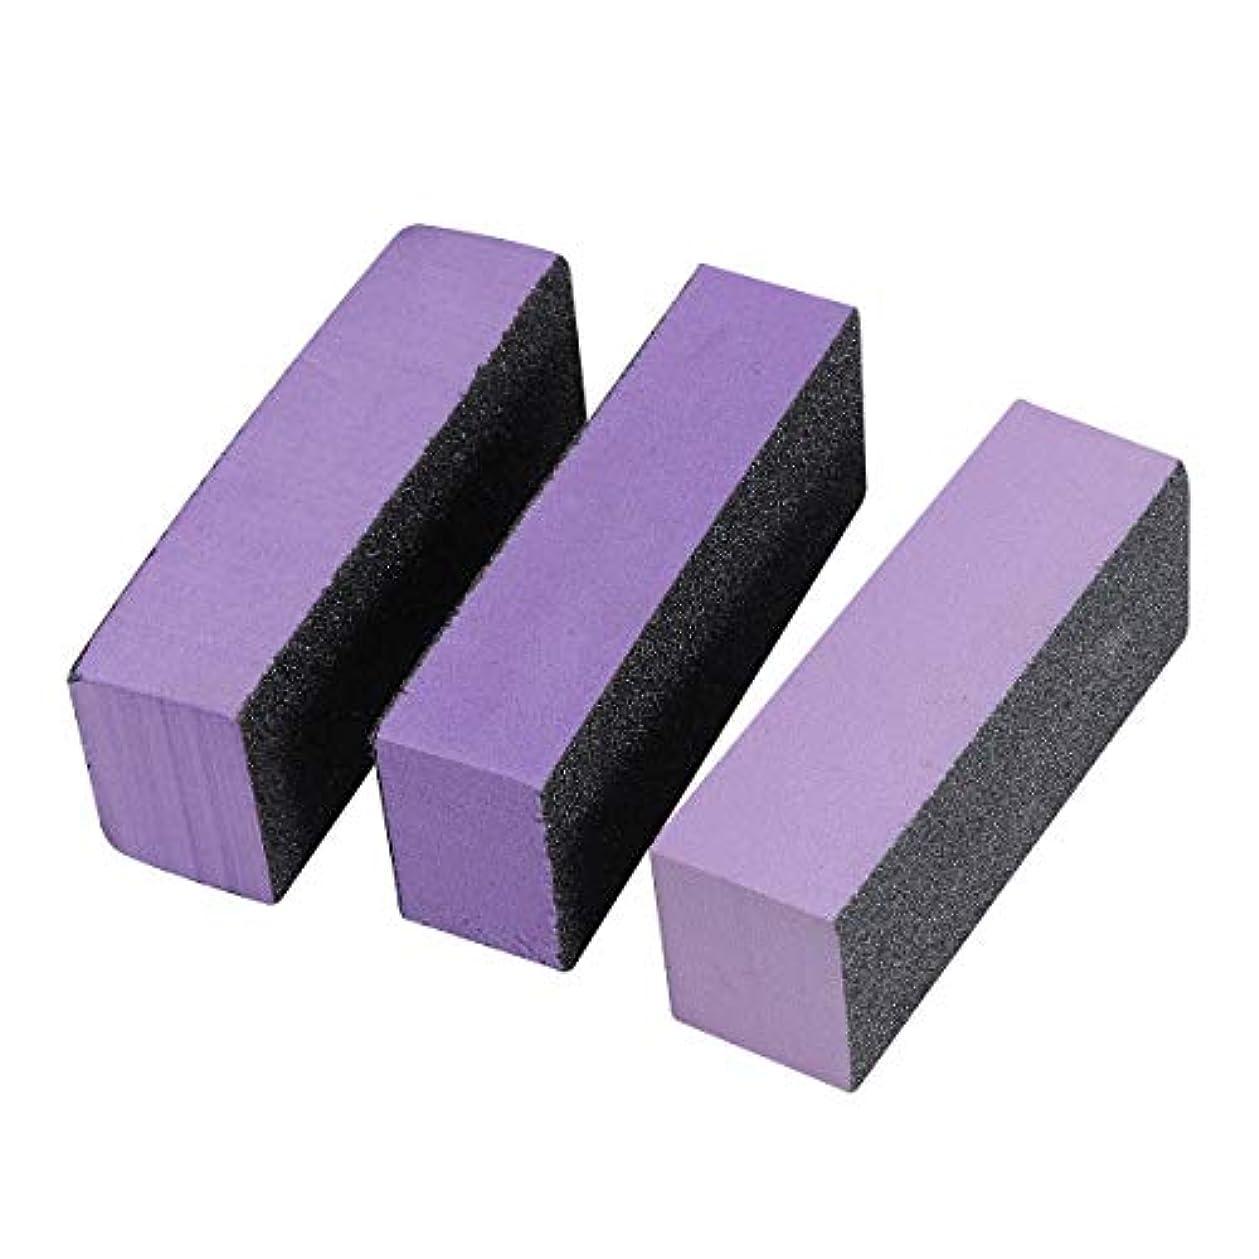 摂動没頭する意気揚々Lurrose スポンジネイルファイル ネイルバッファーブロック 3サイド ネイル ポリッシュストリップ エメリーボード ネイルツール用品3ピース